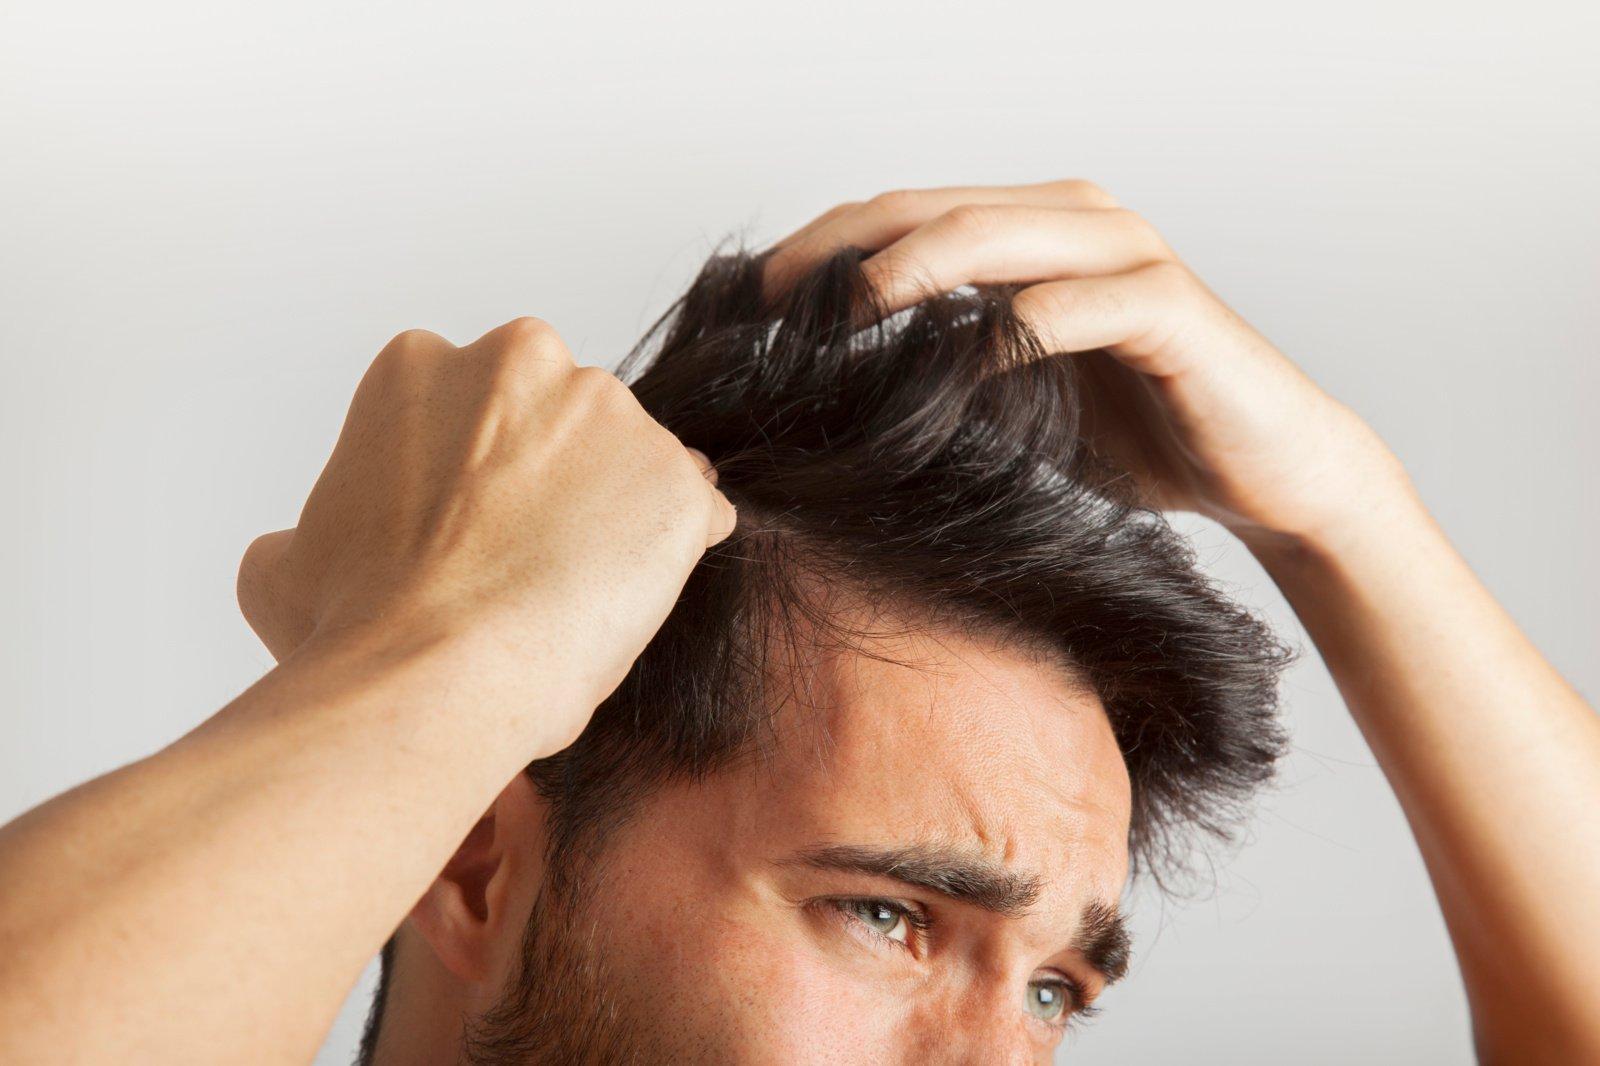 Vyriškas košmaras – plikė: kaip slenkantys plaukai keičia vyrų psichologinę būklę?